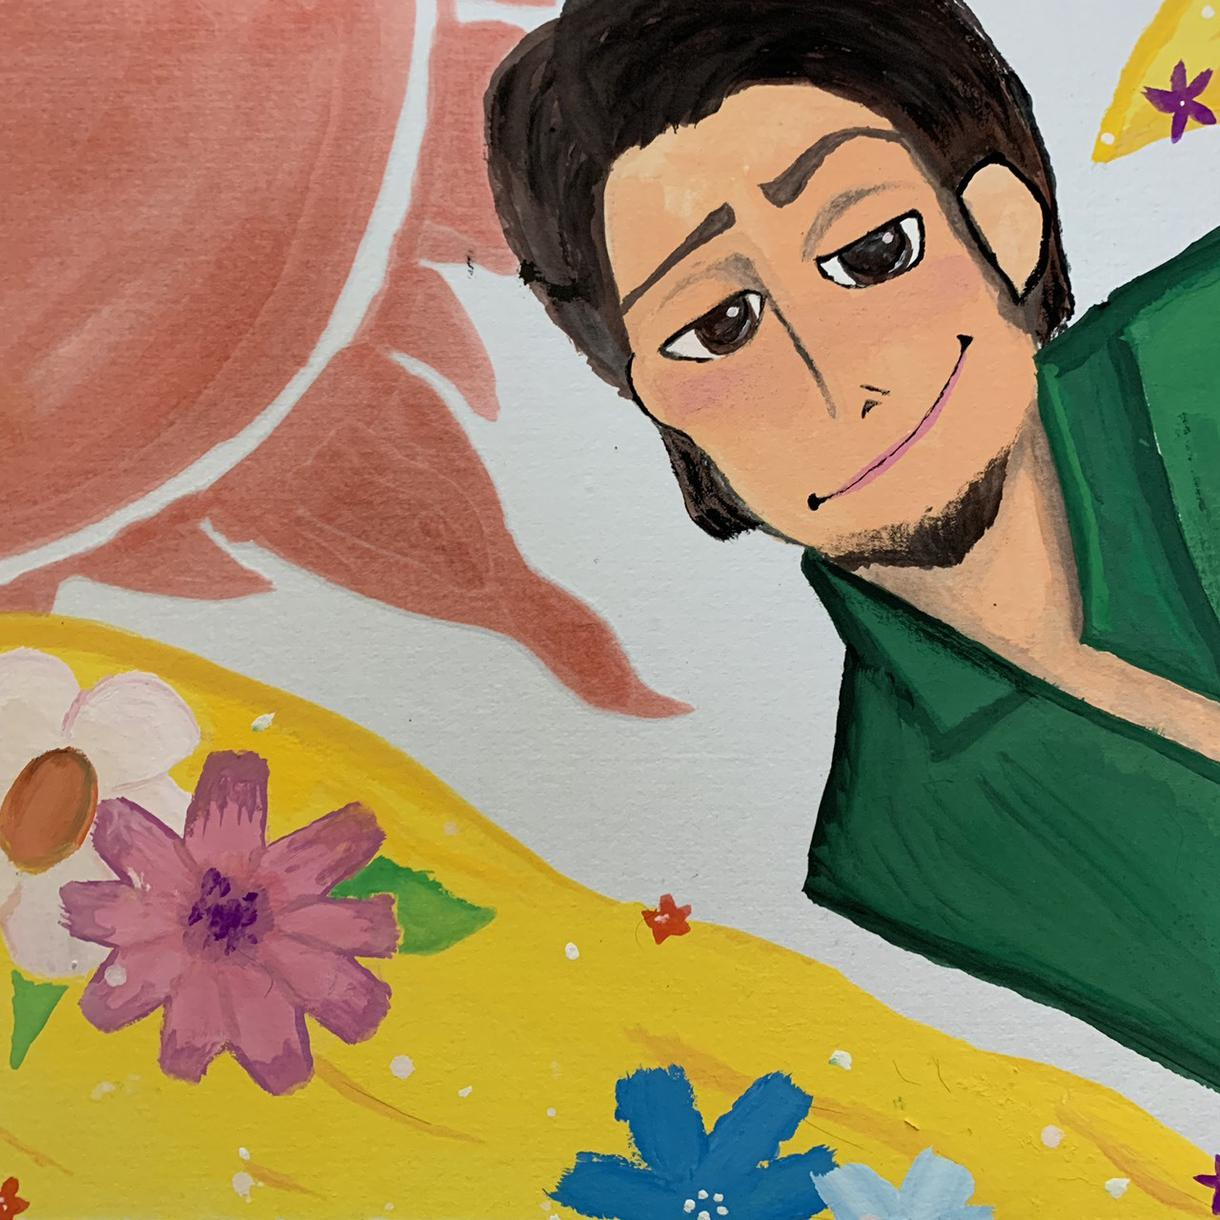 ご要望に合わせて描きます!作ります 可愛い絵、キャラクター何でも描きます!作ります!